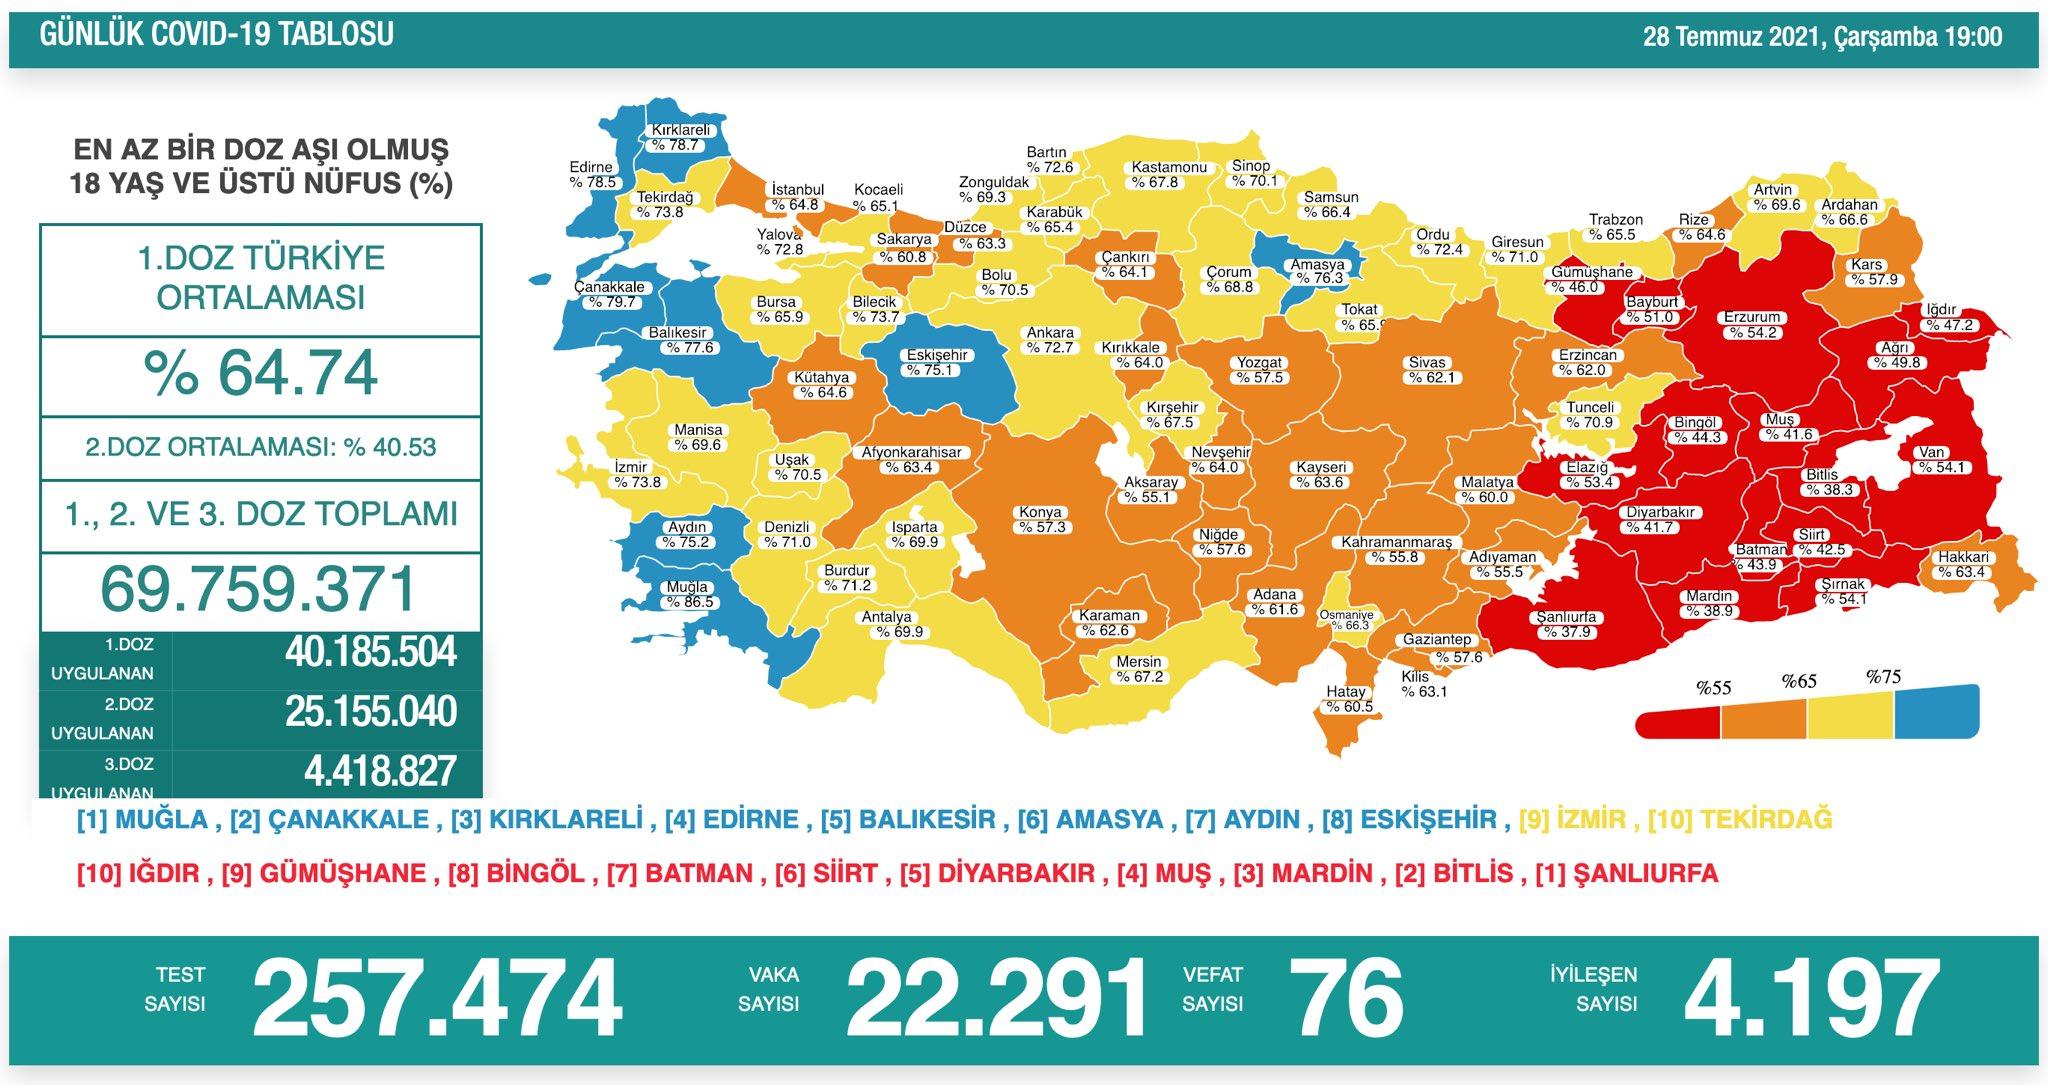 29 Temmuz 2021 Perşembe Türkiye Günlük Koronavirüs Tablosu | Bugünkü korona tablosu | Vaka ve ölüm sayısı kaç oldu?